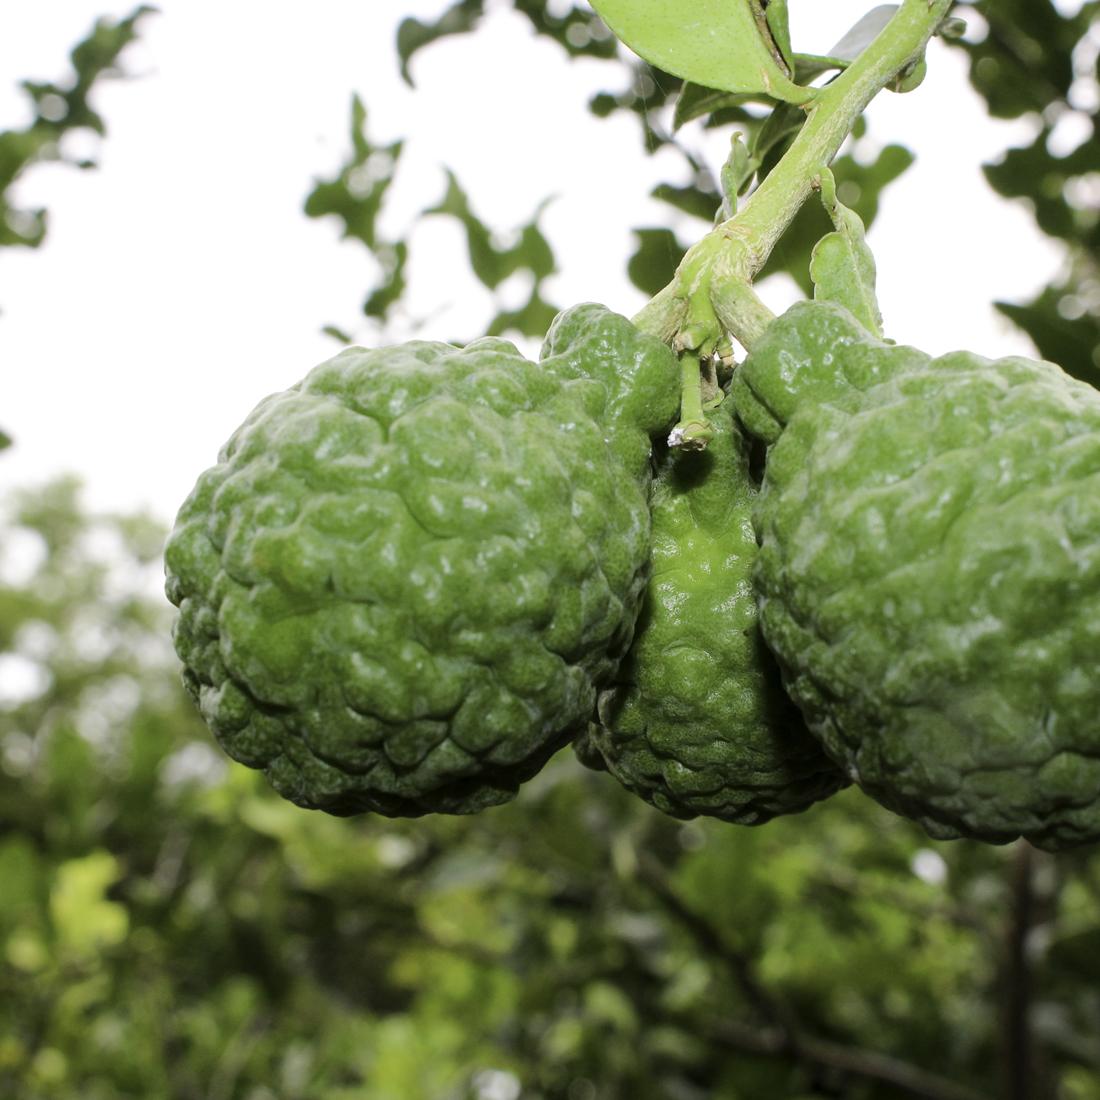 bloomsz citrus fruit tree kaffir lime u2013 1 year old u2013 32u2033 tall - Kaffir Lime Tree